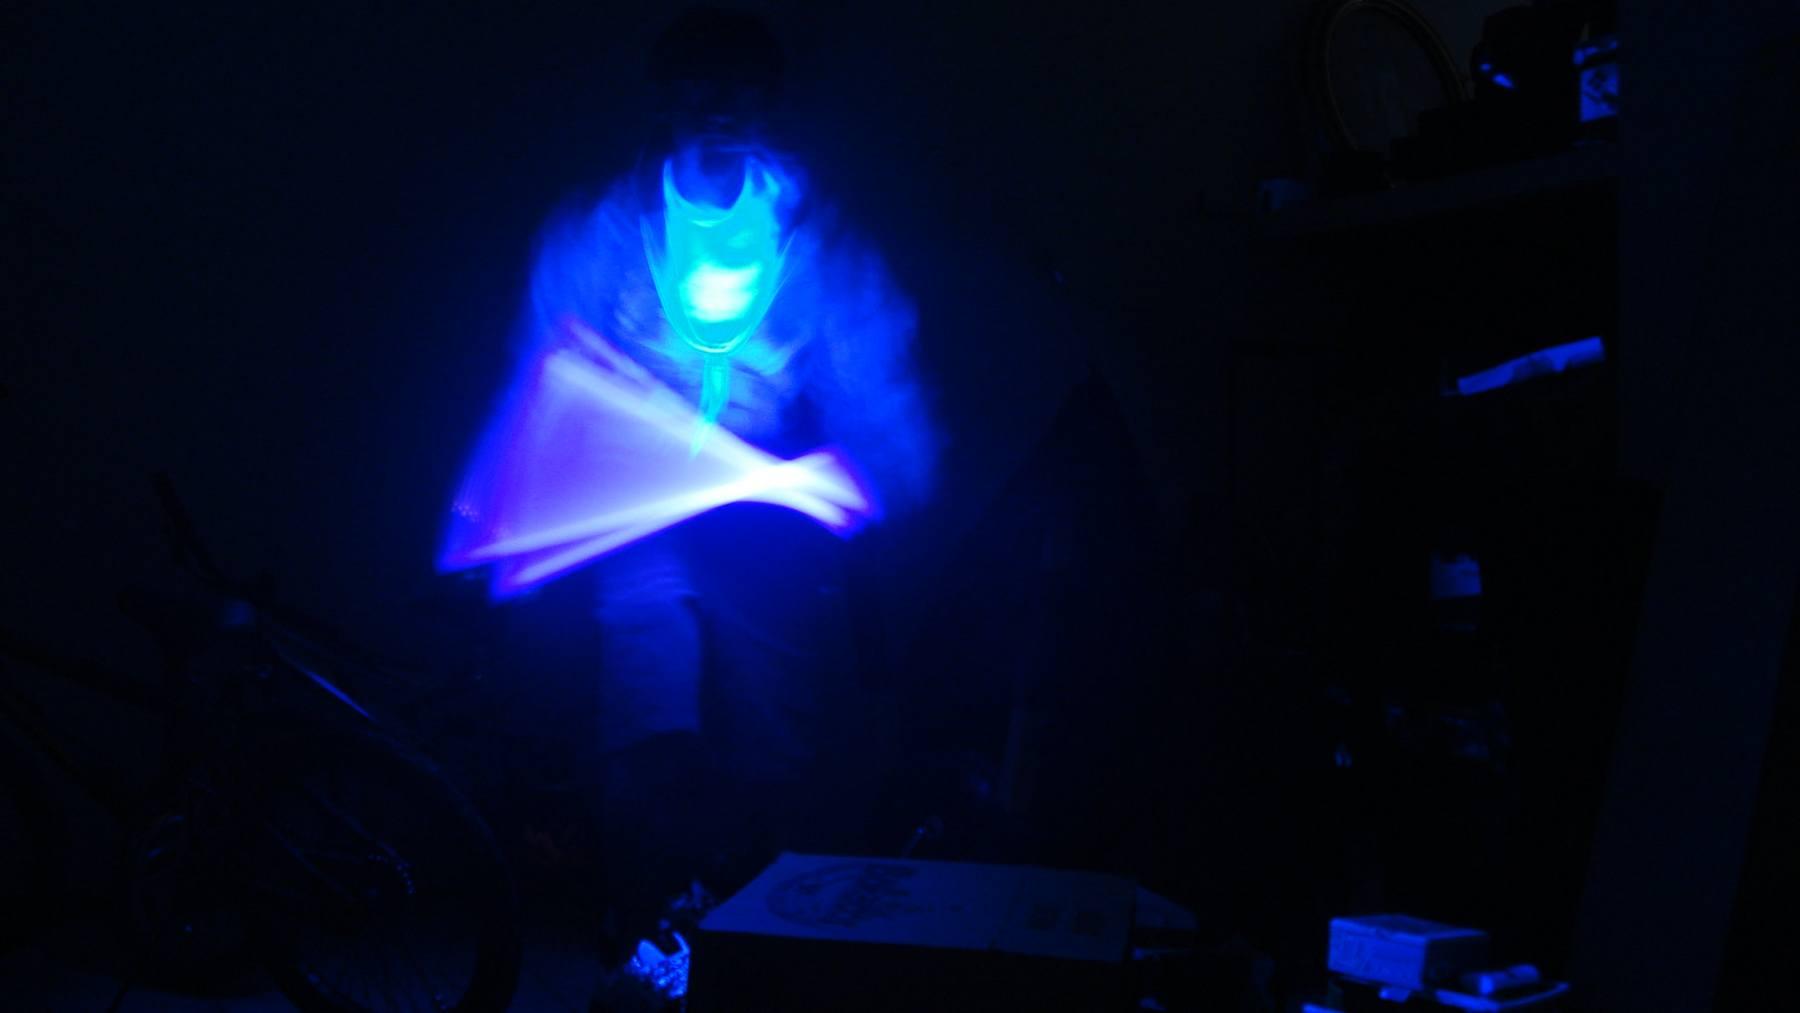 ¿Qué es la luz ultravioleta?